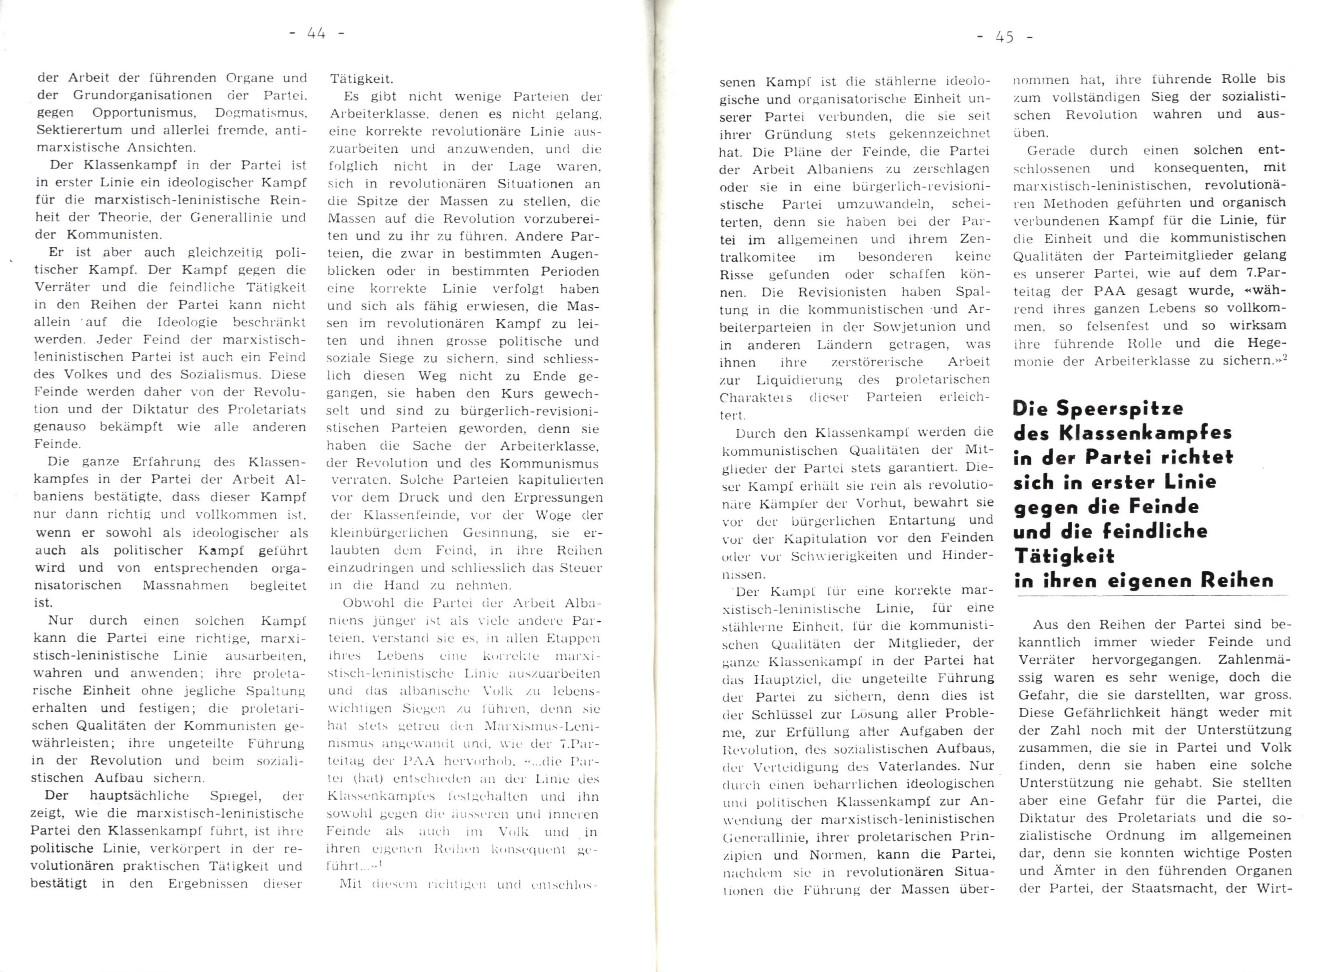 MLSK_Theorie_und_Praxis_des_ML_1979_25_23